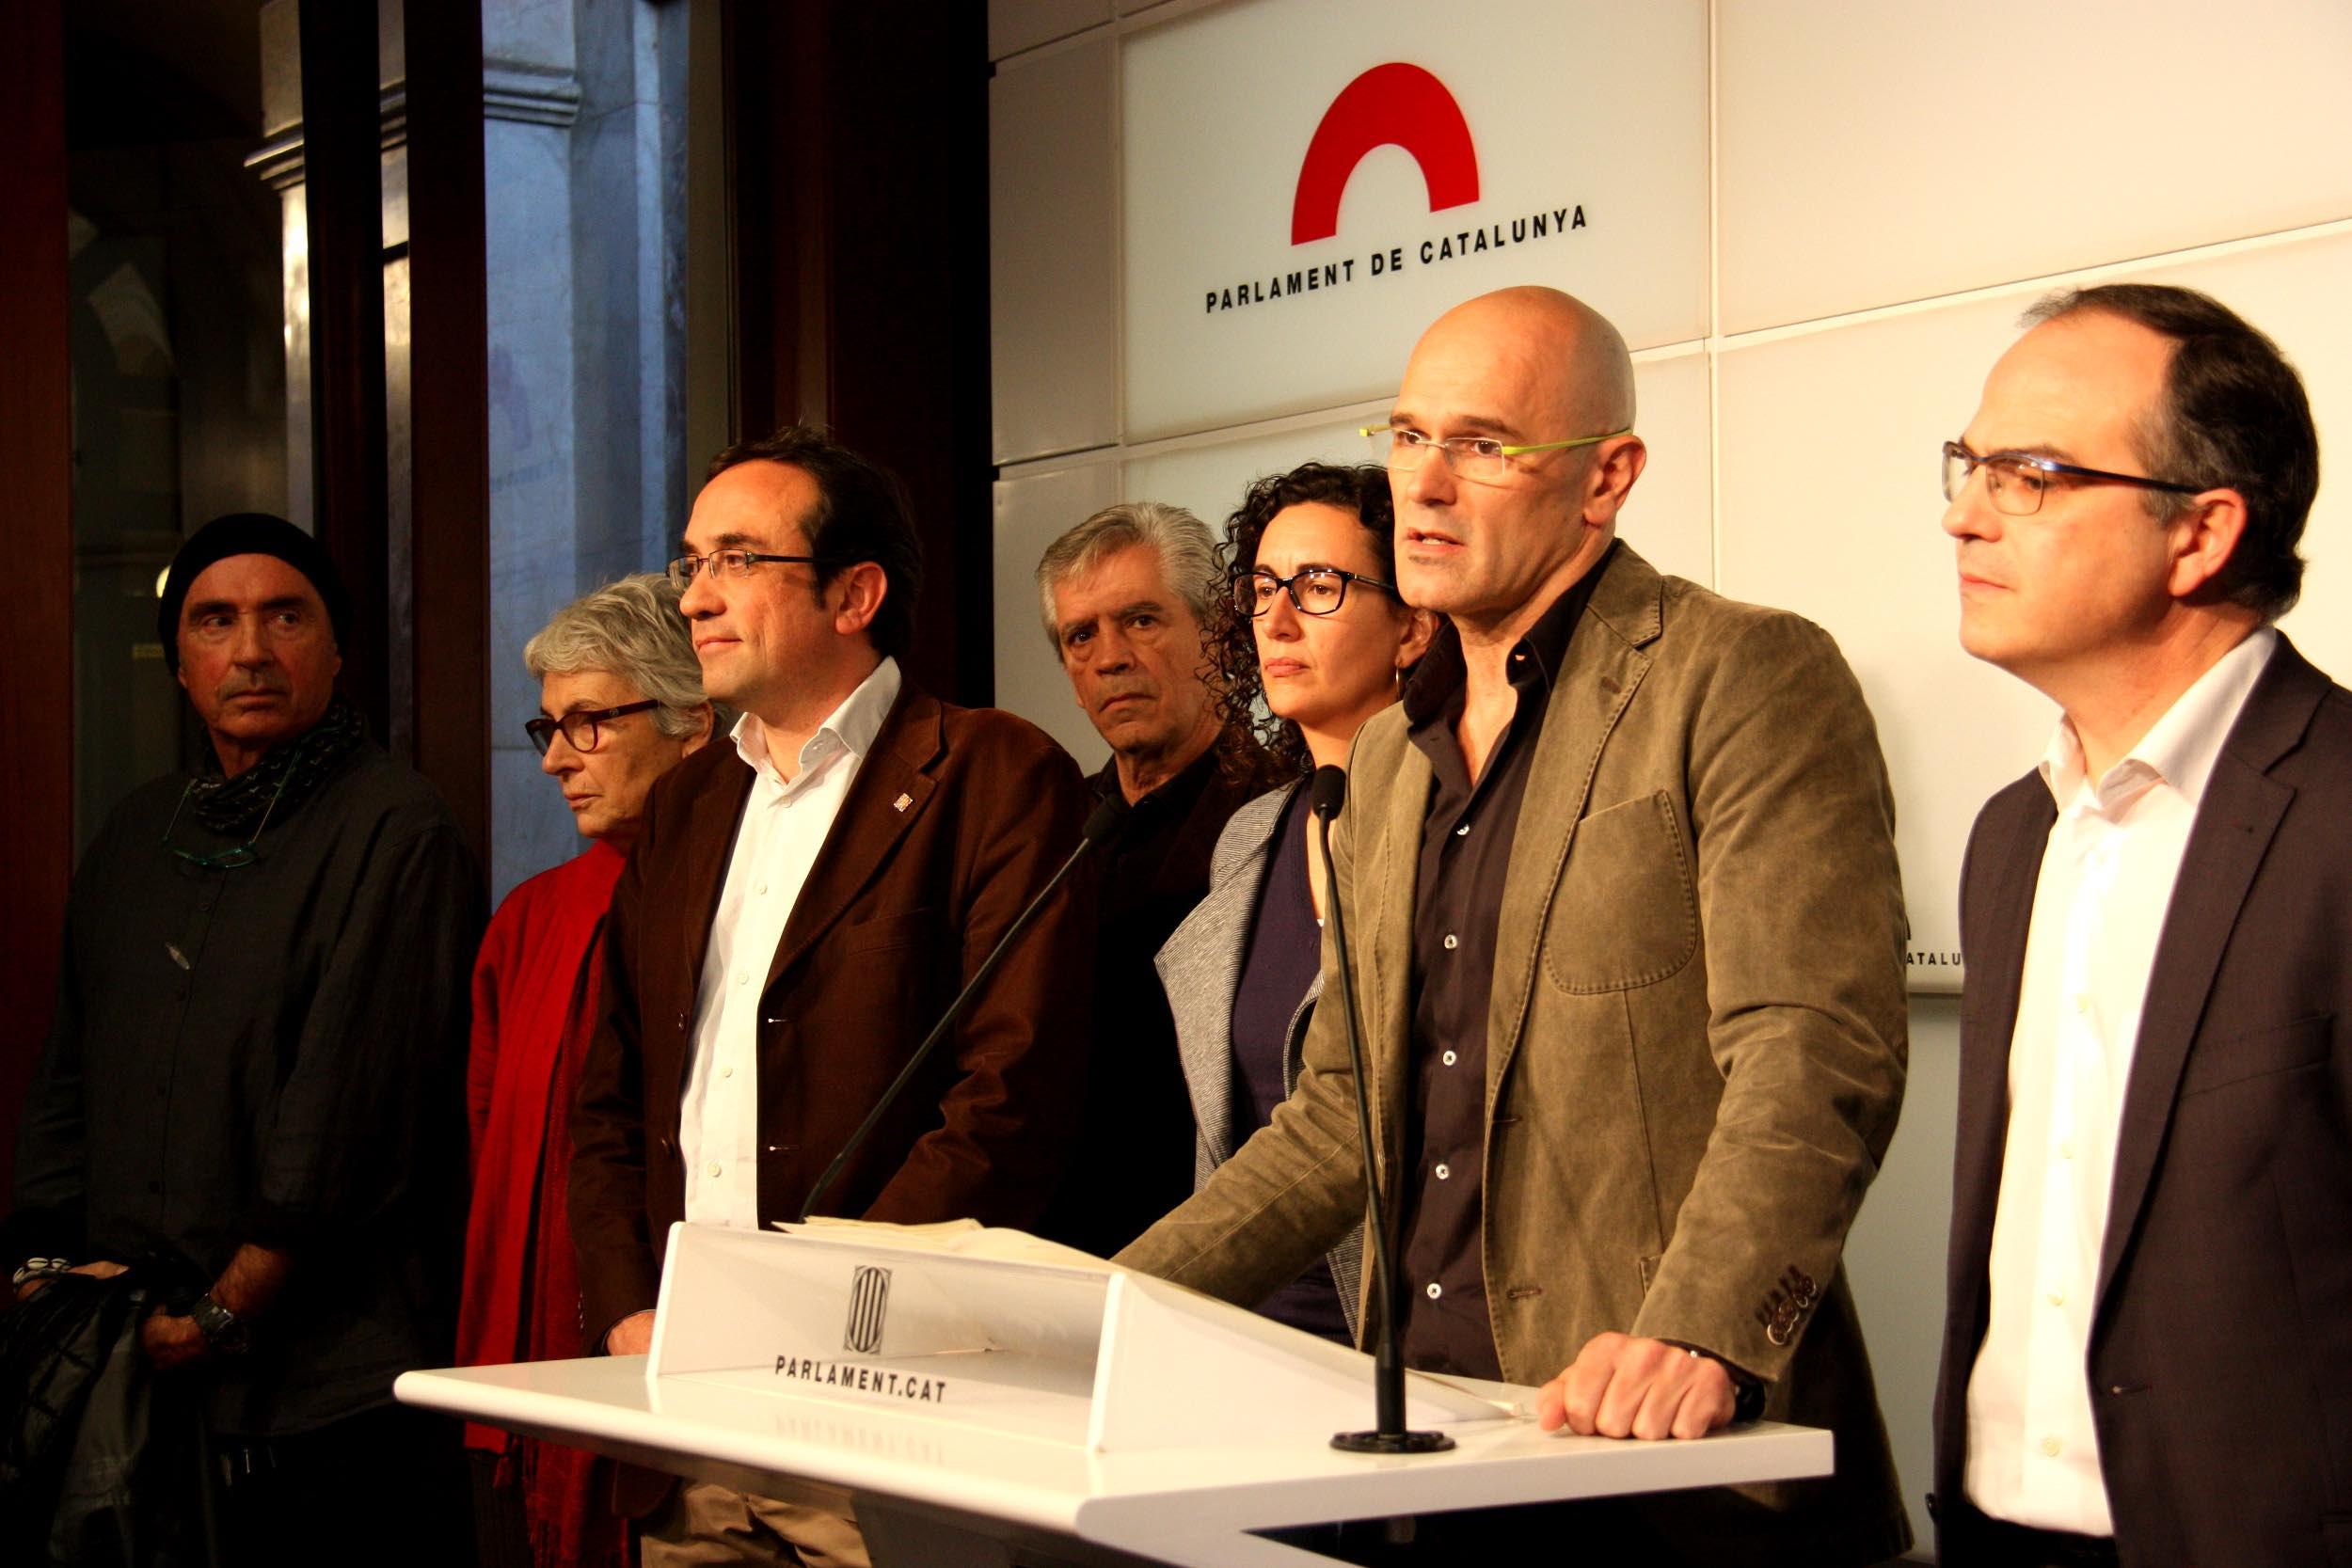 Lluís Llach, Muriel Casals, Josep Rull, Eduardo Reyes, Marta Rovira i Raül Romeva en conferència de premsa per a explicar la proposta d'acord d'investidura amb la CUP el 22 de desembre del 2015